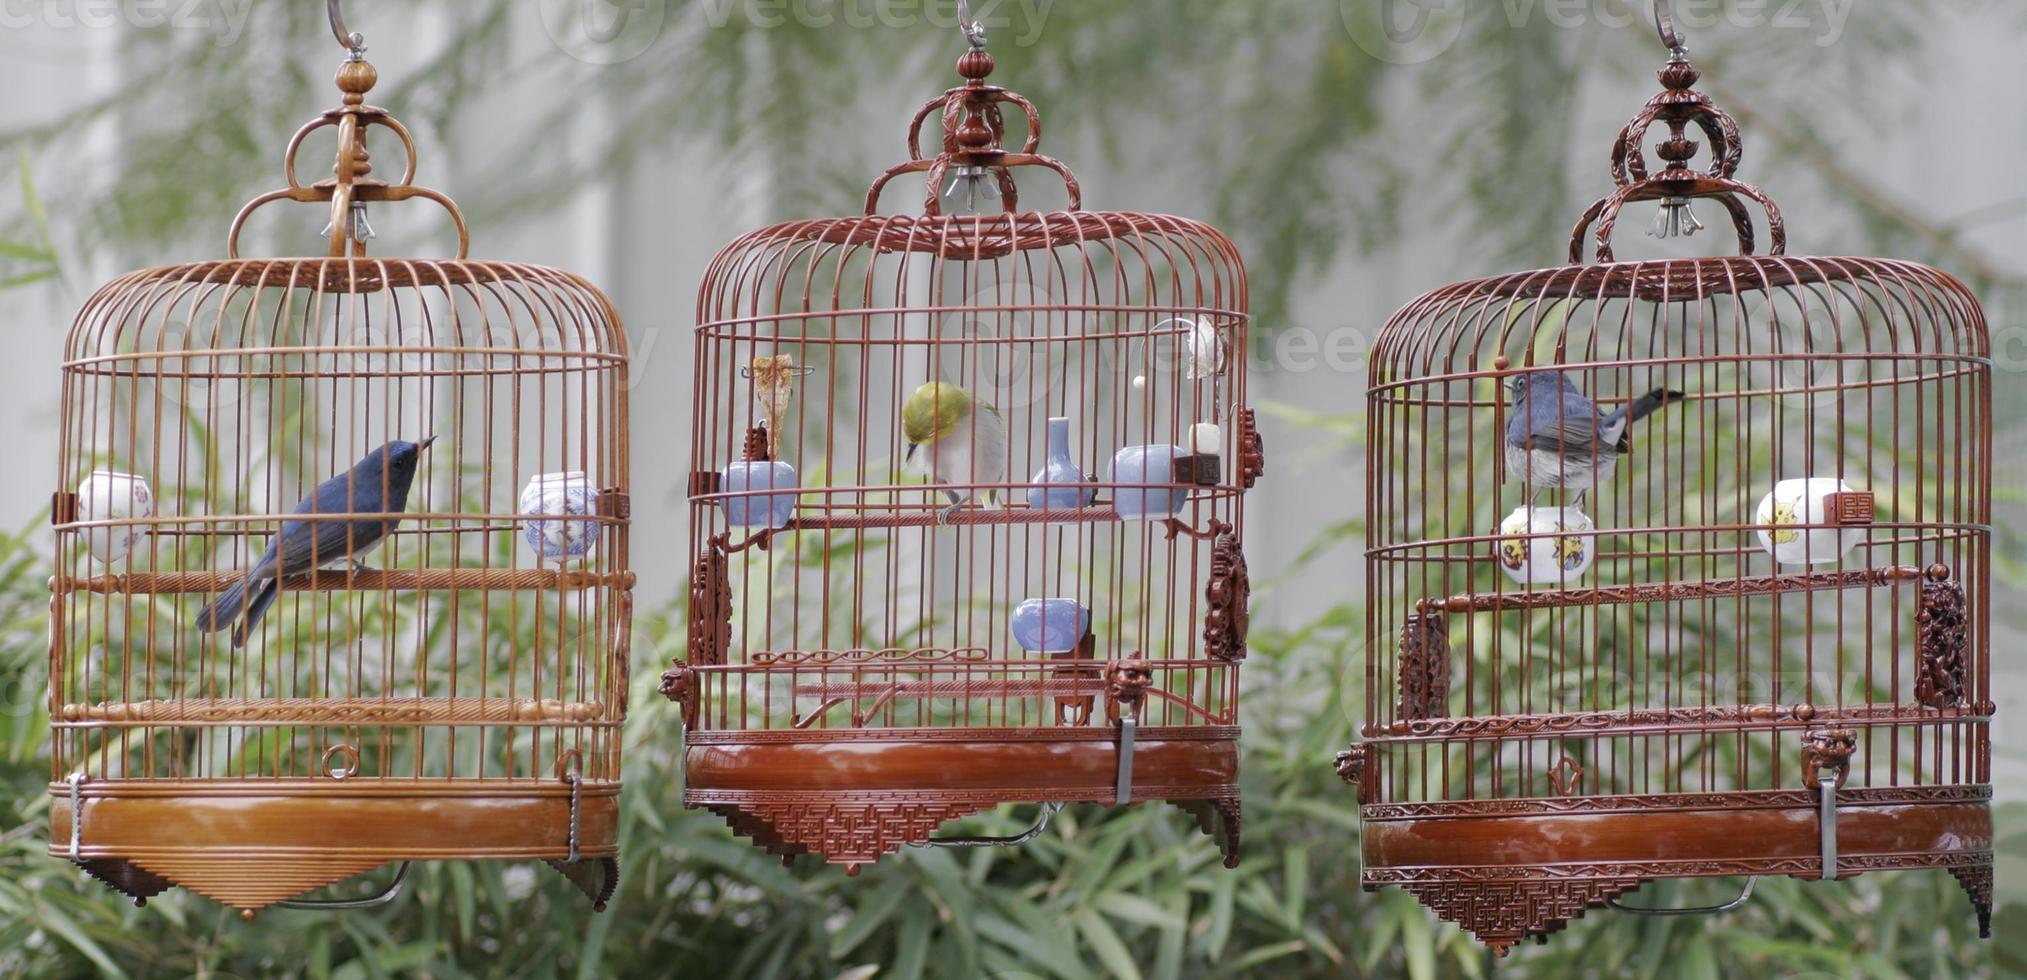 chinesische Vogelkäfige foto